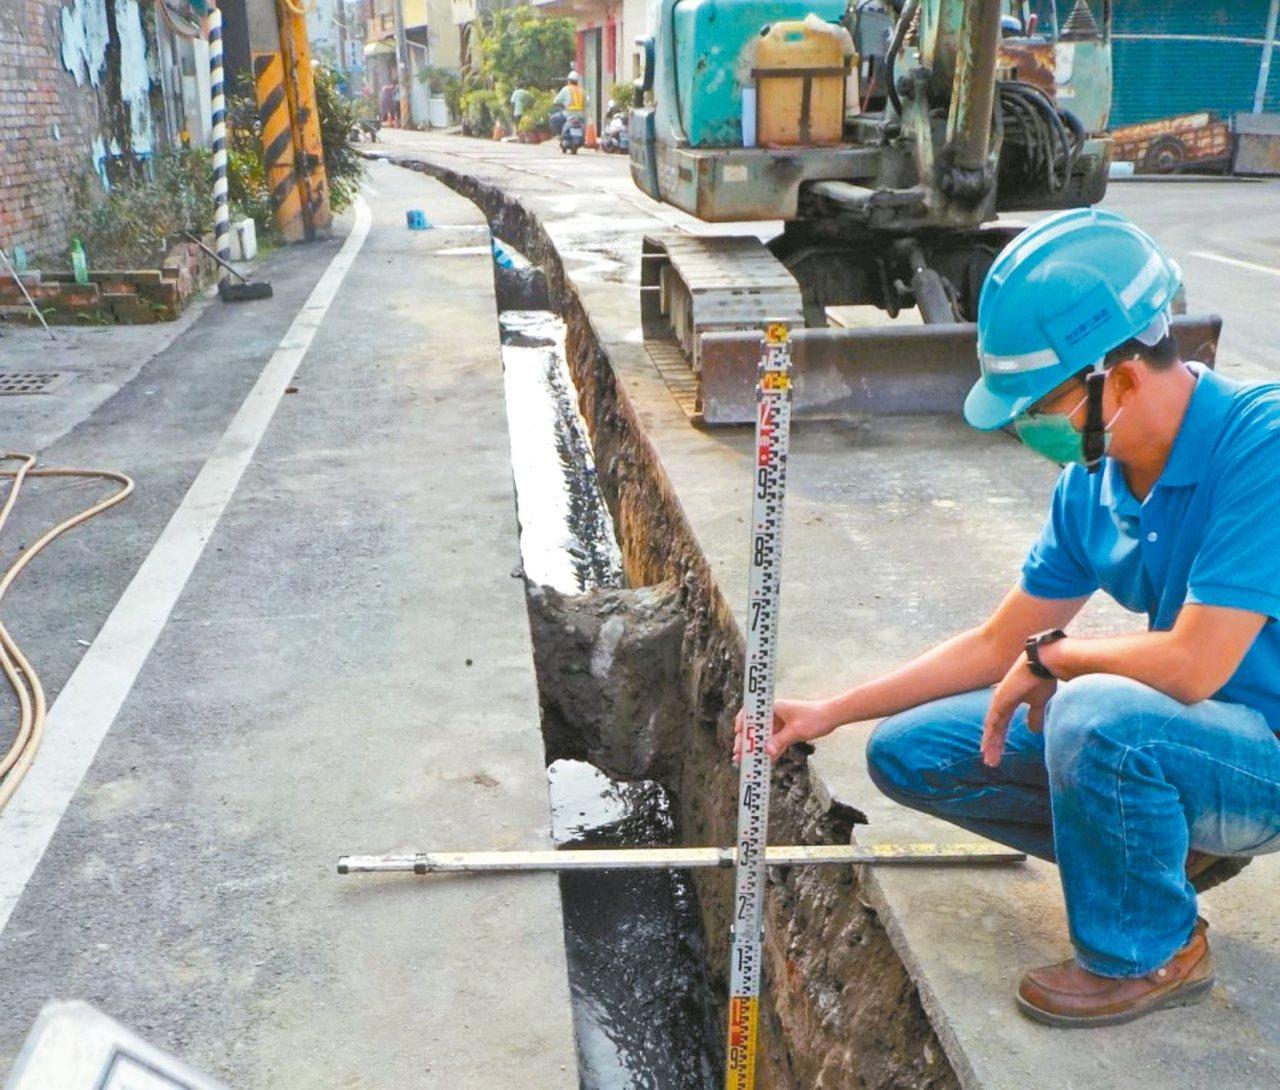 屏東縣有不少鄉鎮展開自來水接管工程。 圖/屏東縣政府提供